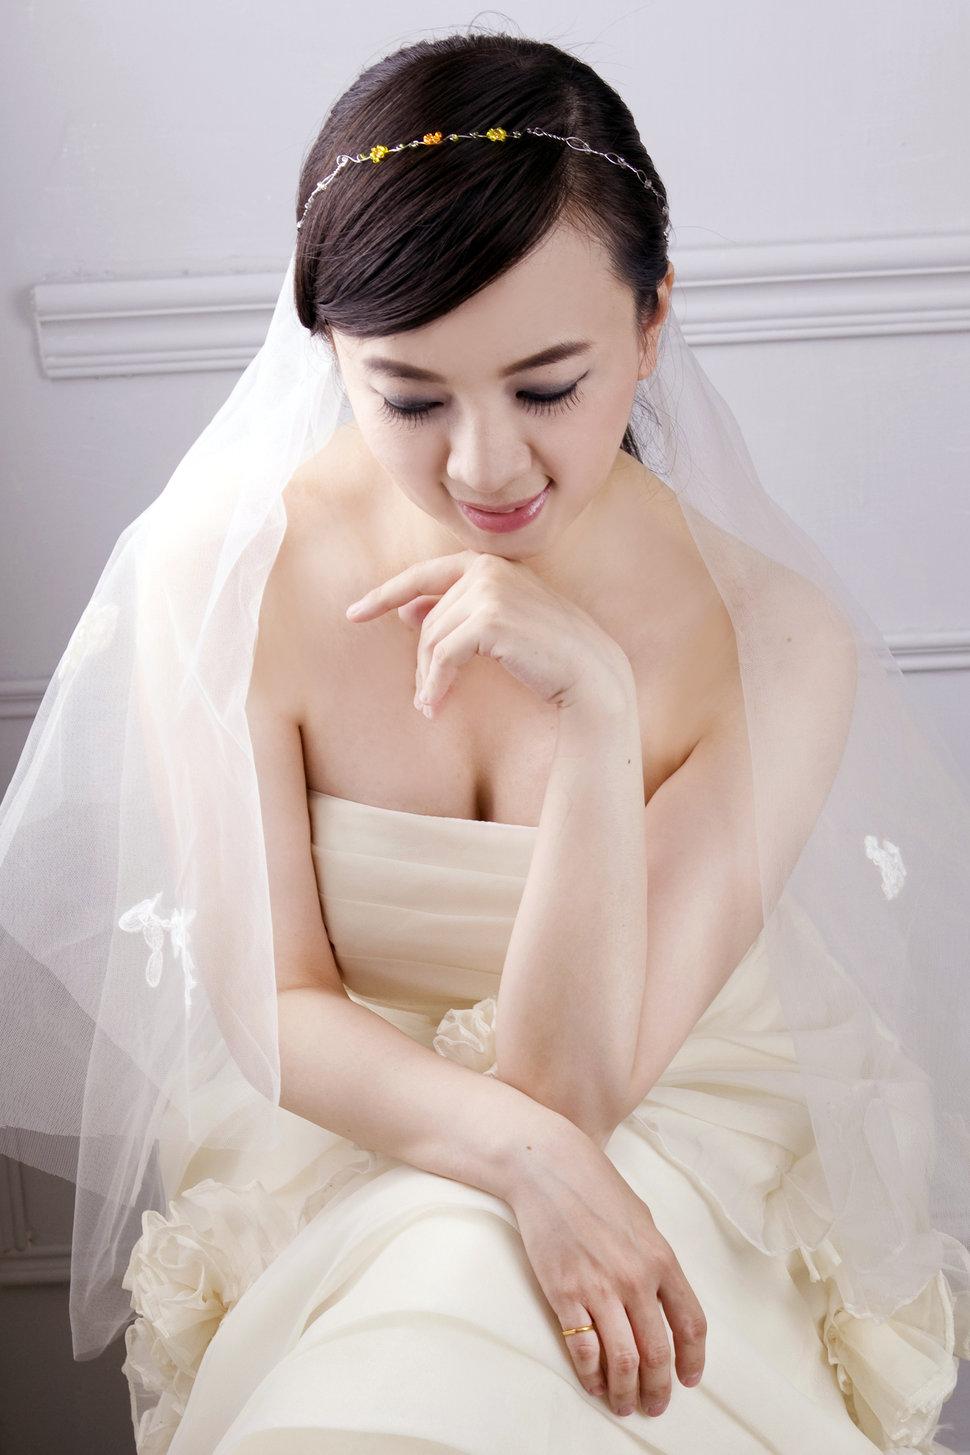 蓓麗宛婚禮時尚(編號:499491) - 蓓麗宛婚禮時尚《結婚吧》